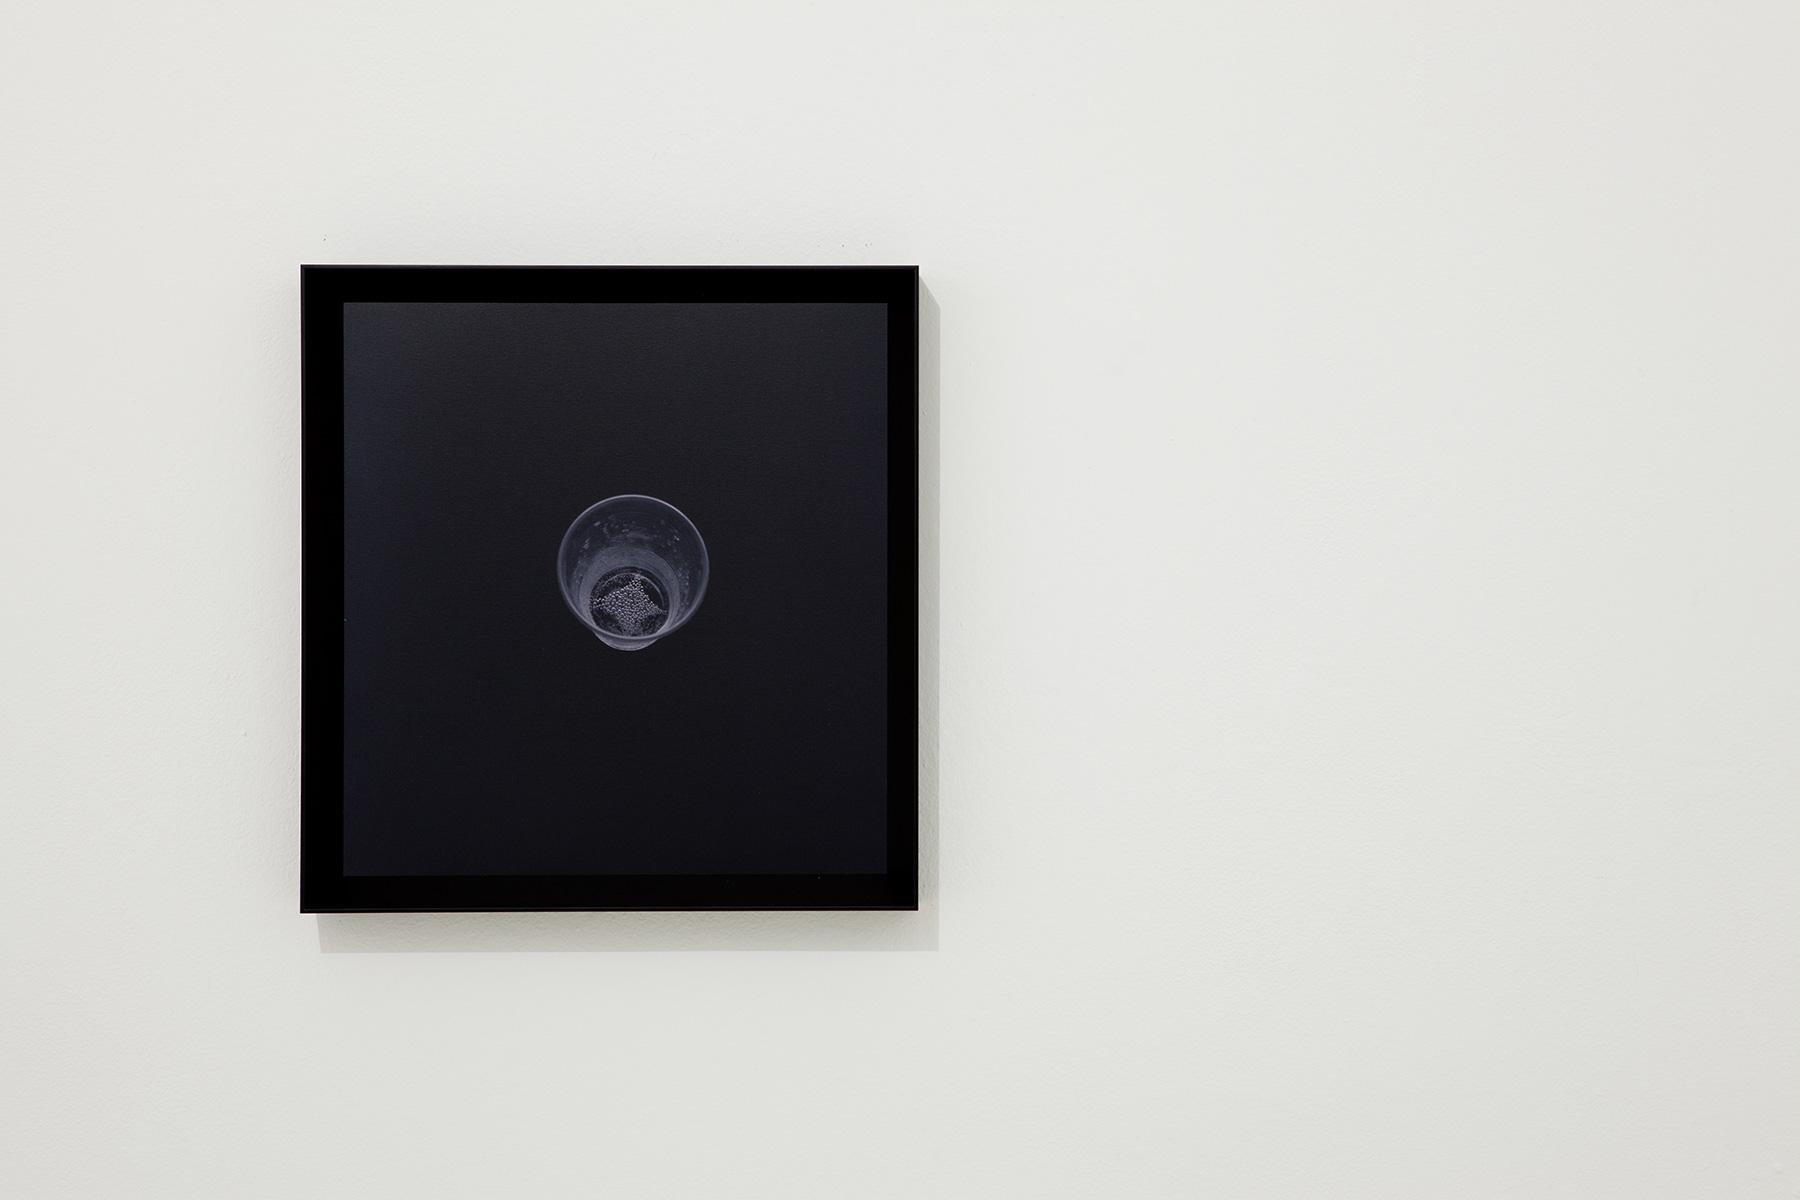 01-graziano folata -rising star - stampa fotografica digutale da negativo fotografico - 40x40cm-ed6-2012